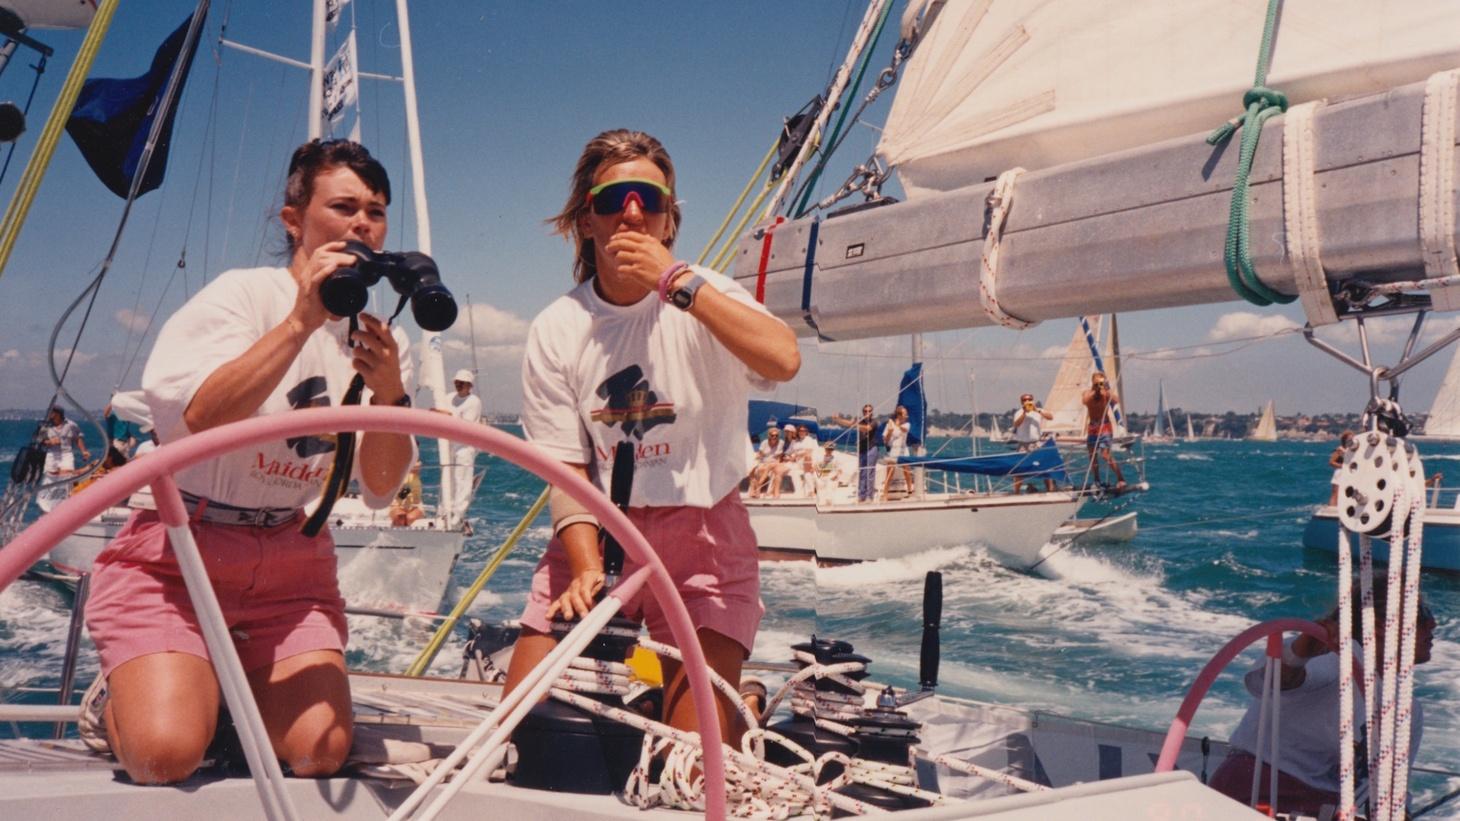 Tracy Edwards and Mikaela Von Koskull.